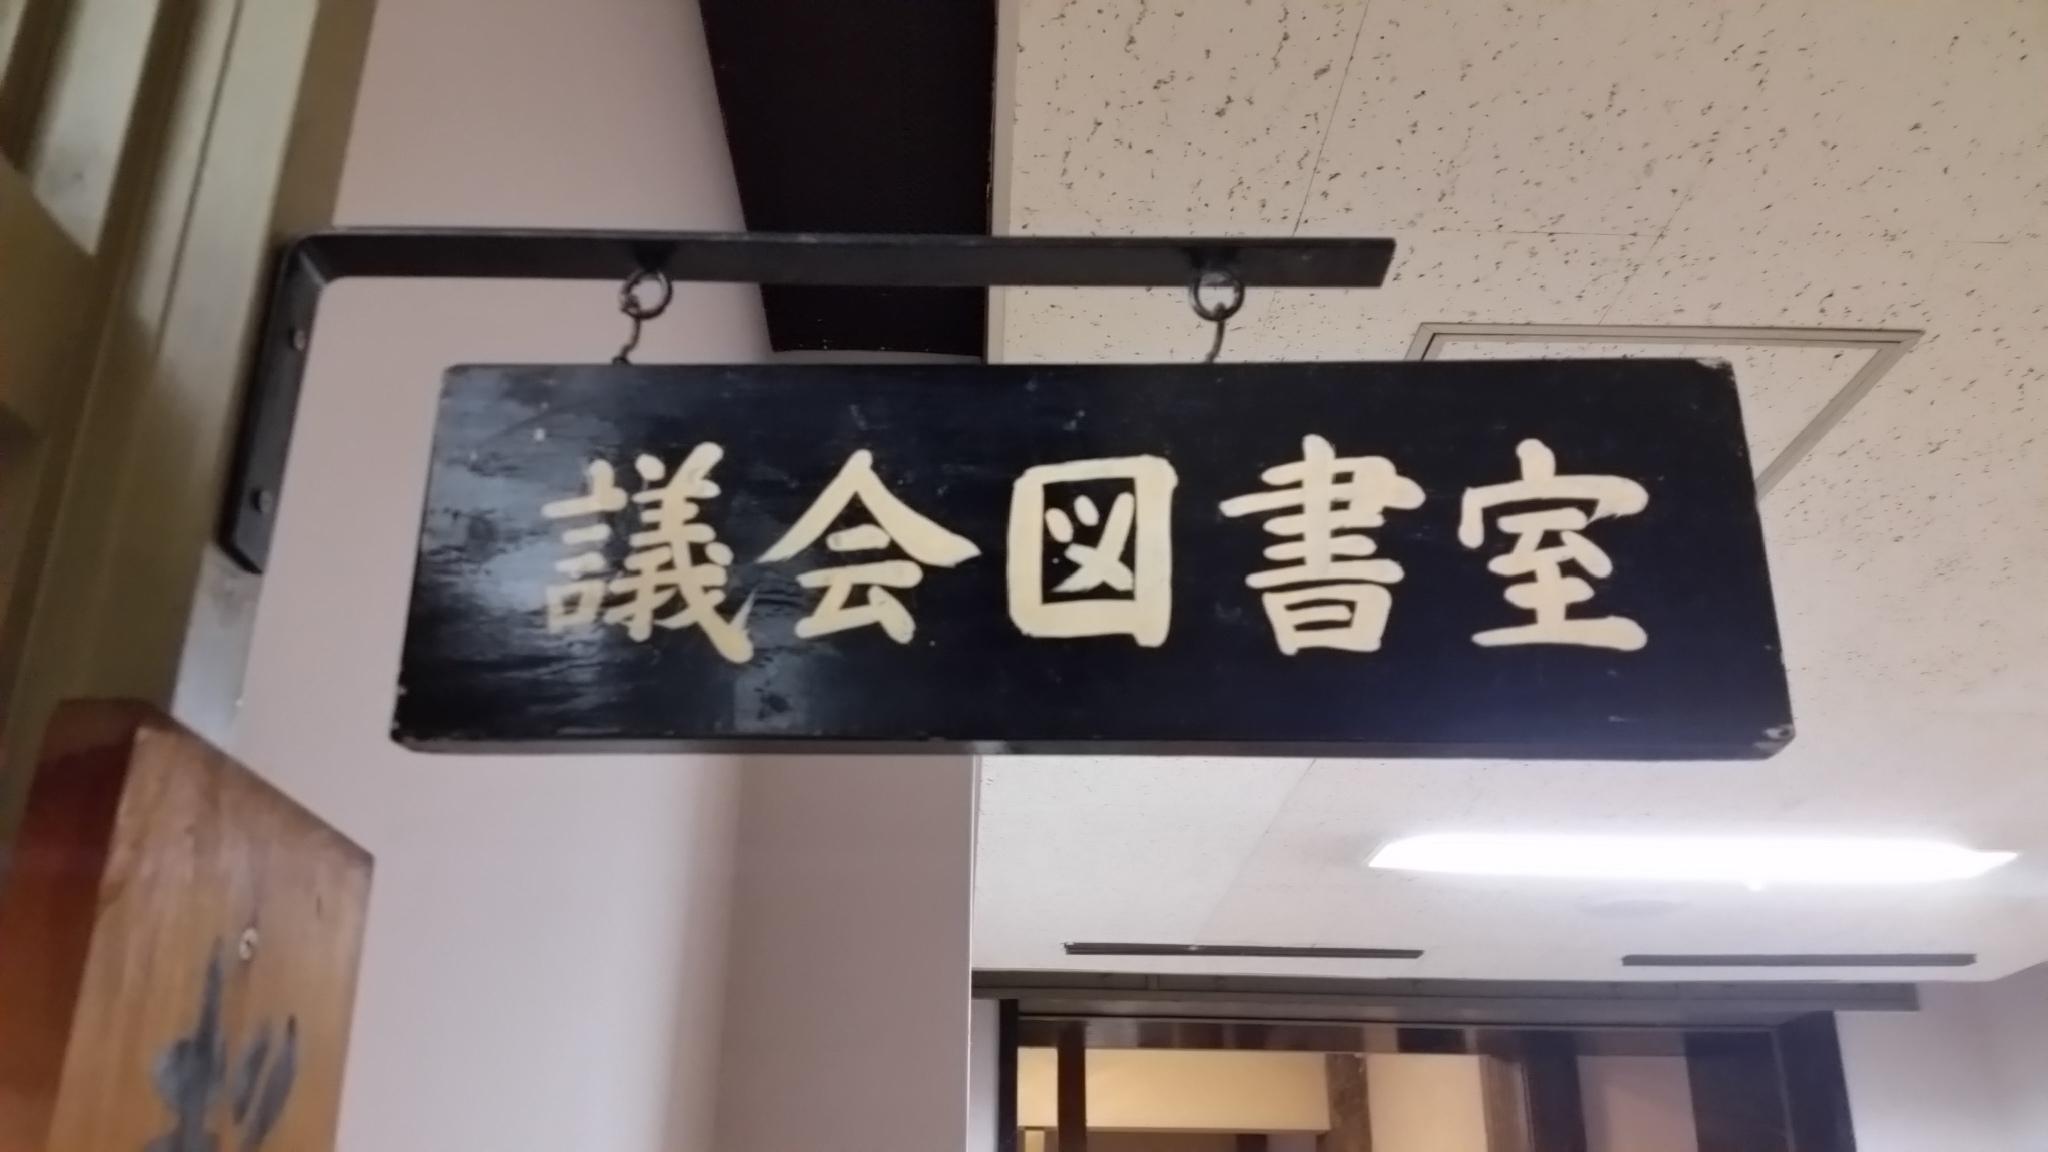 県議会図書館は魅力的です!_d0050503_10182641.jpg